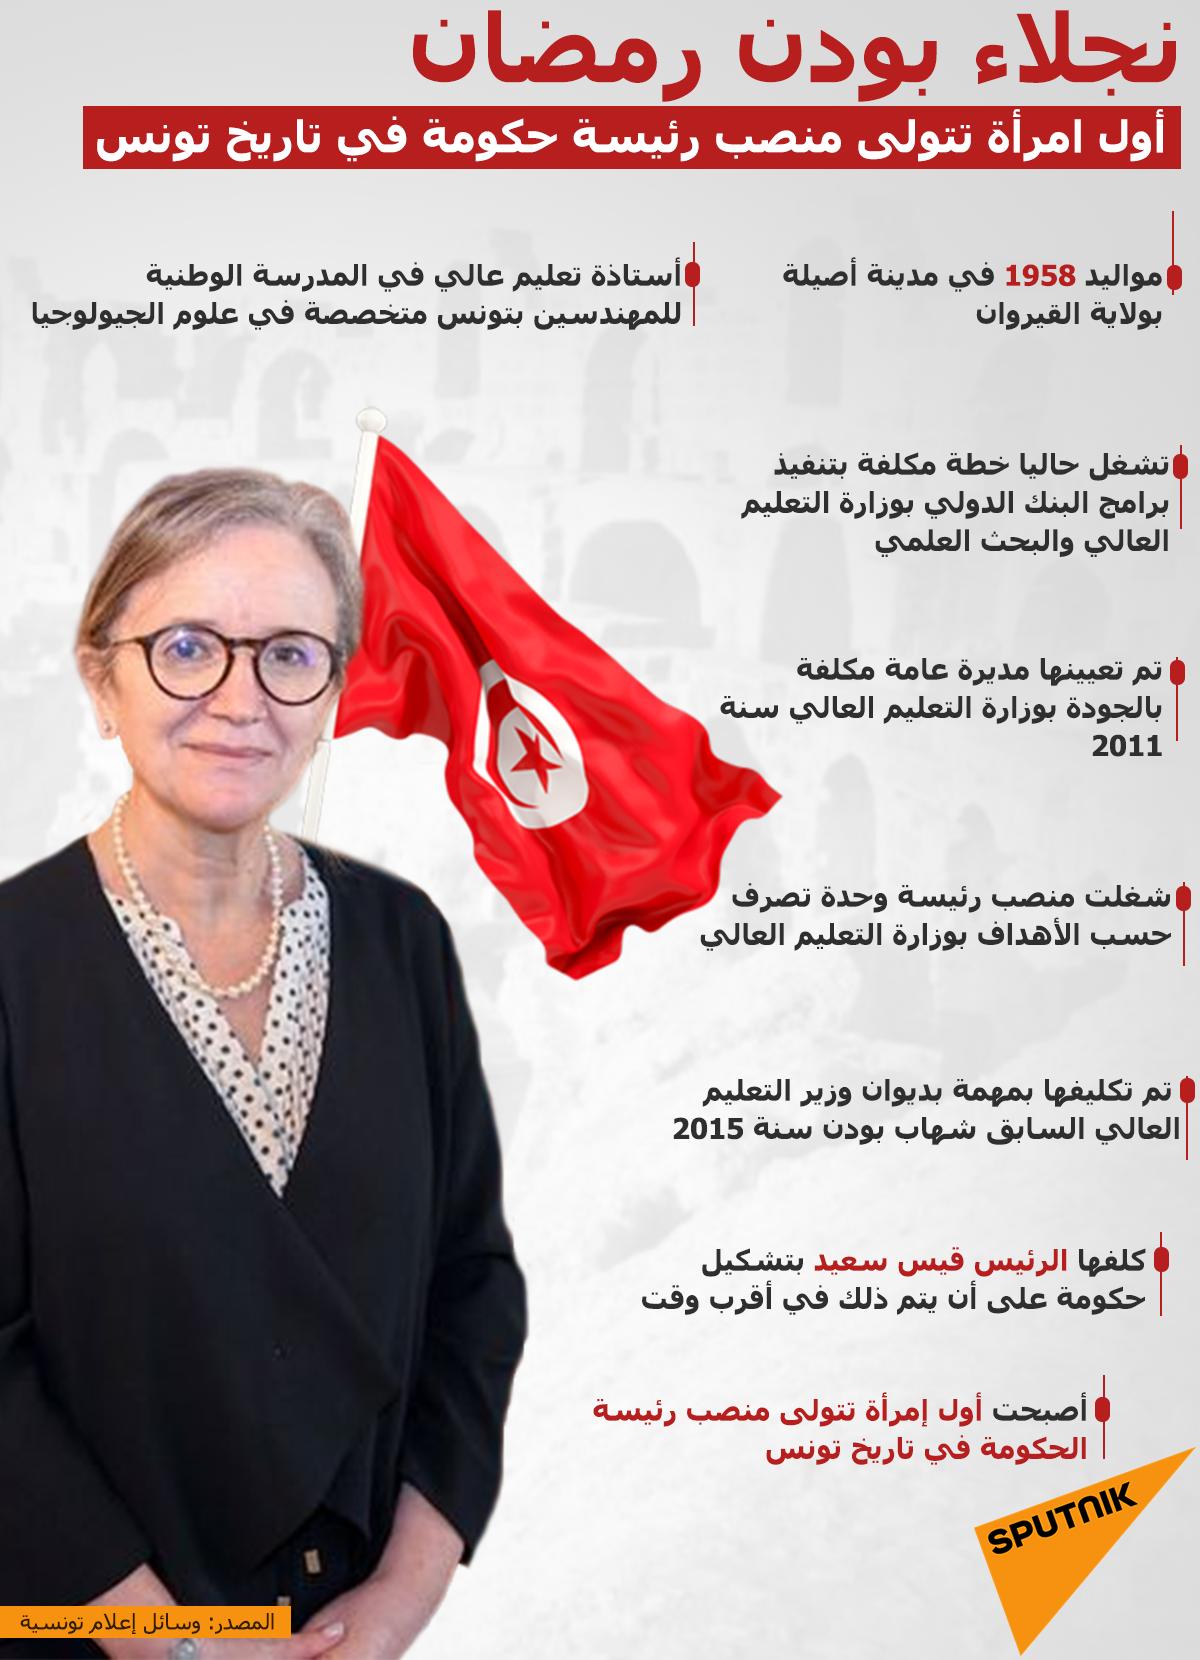 نجلاء بودن رمضان... أول امرأة تتولى منصب رئيسة الحكومة في تاريخ تونس